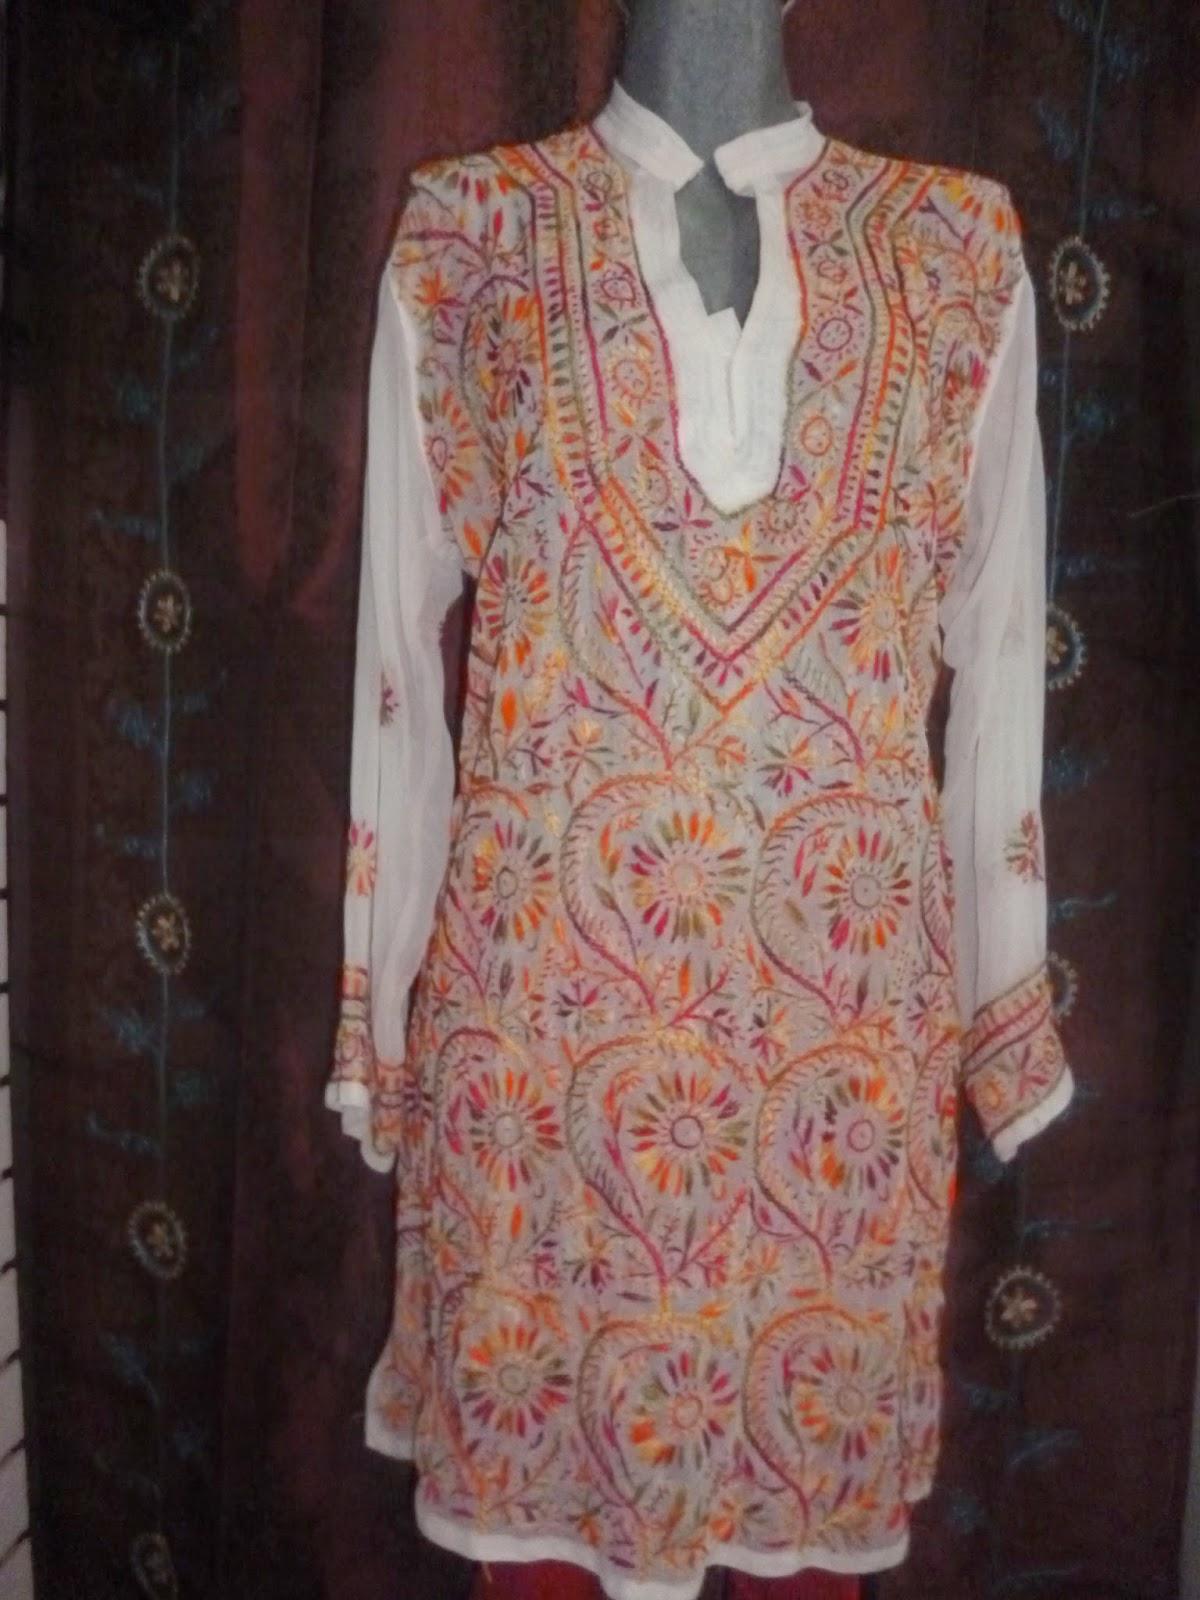 Ropa y artesania de la india blusas faldas vestido saris - Lamparas de la india ...